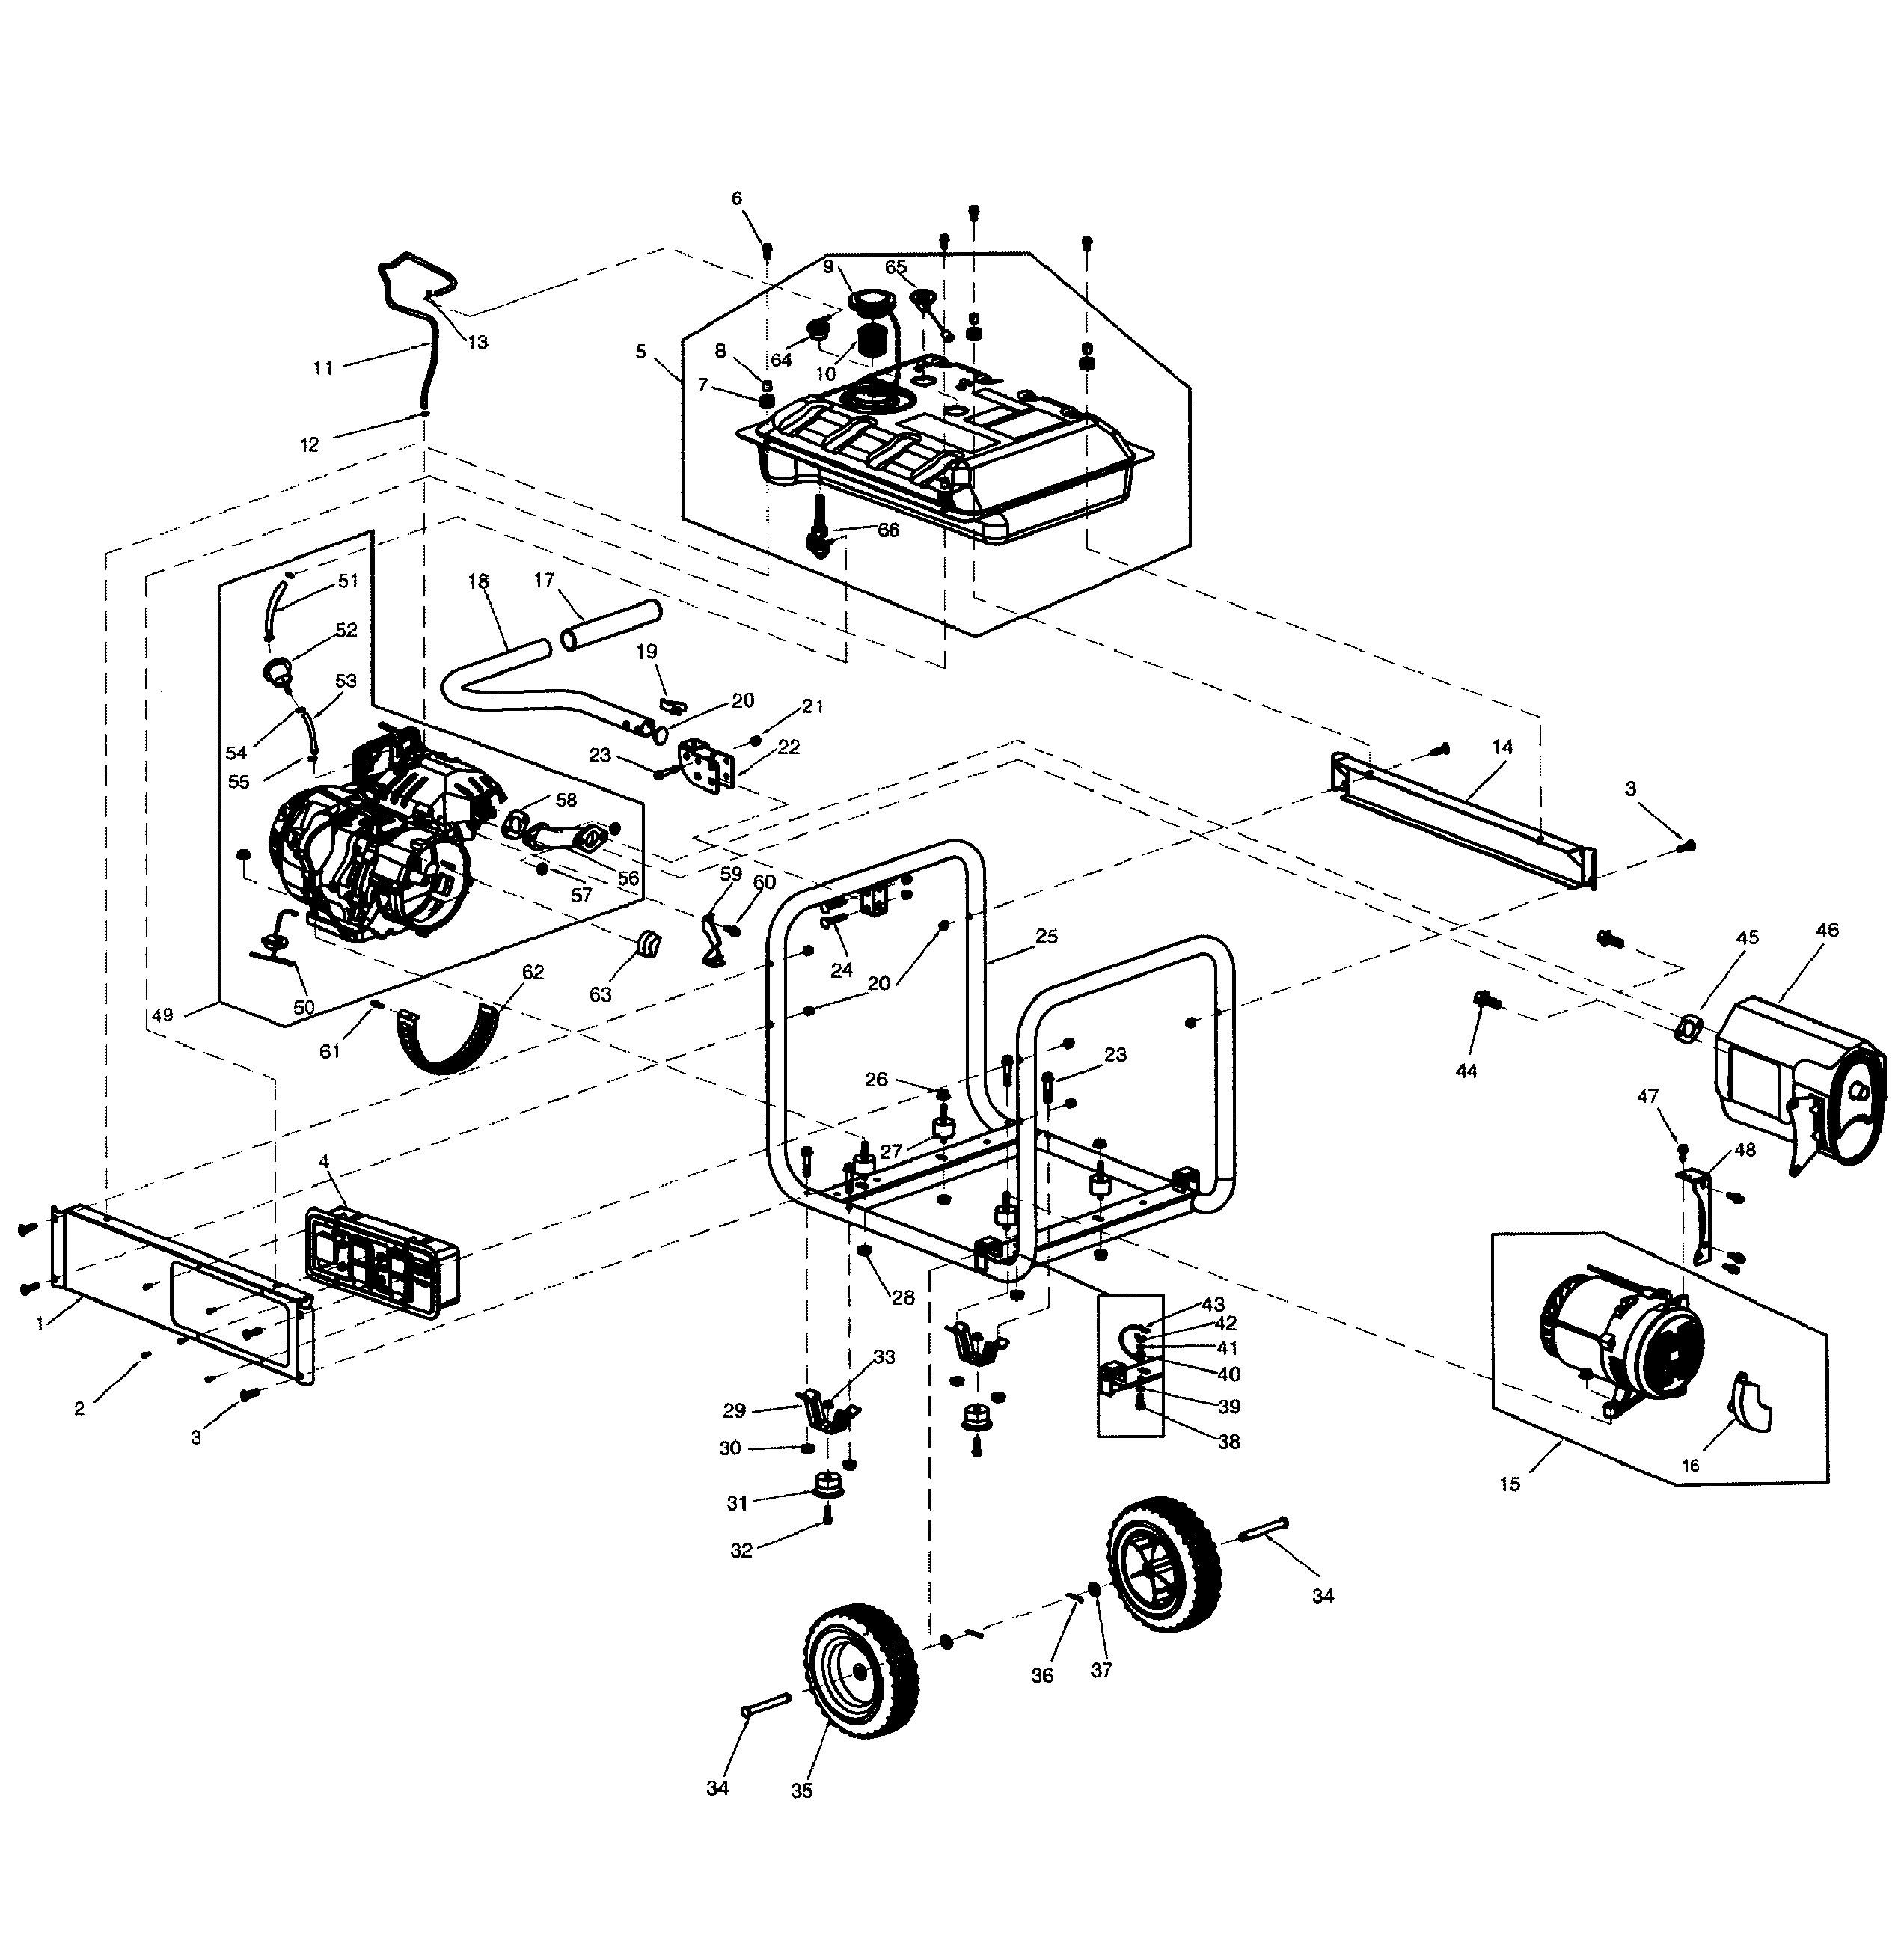 Onan 6 5 Nhe Wiring Diagram